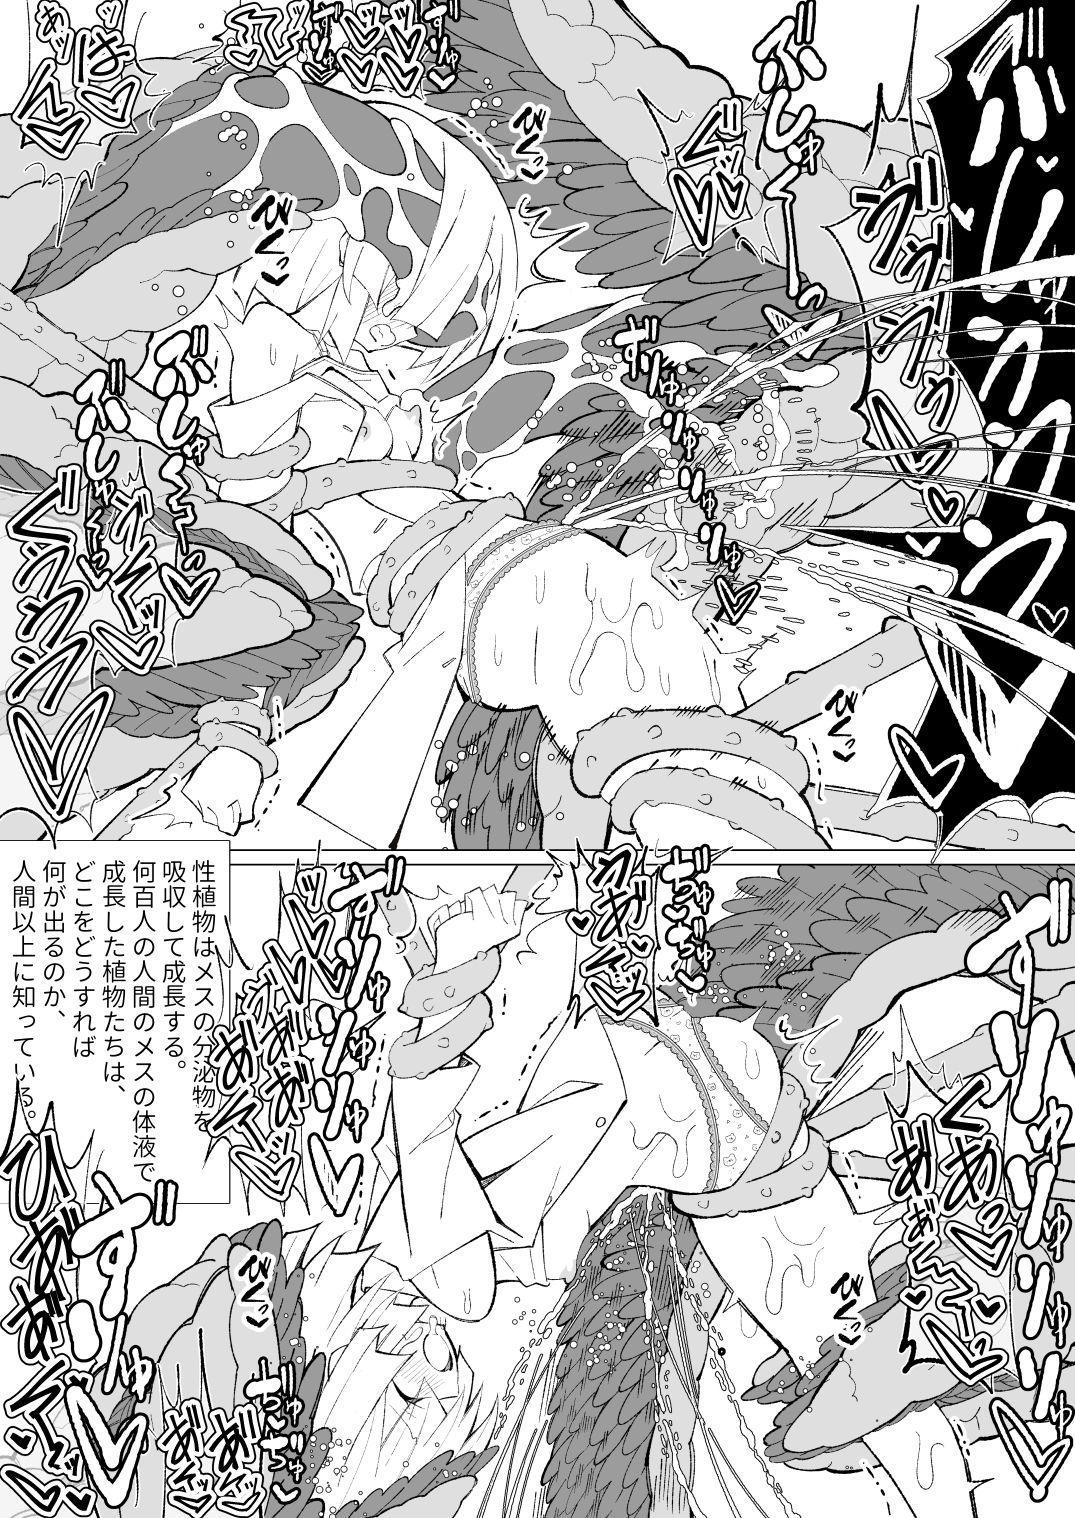 Ishu kan fūzoku-gai3 shokubutsu shokushu × rori 25